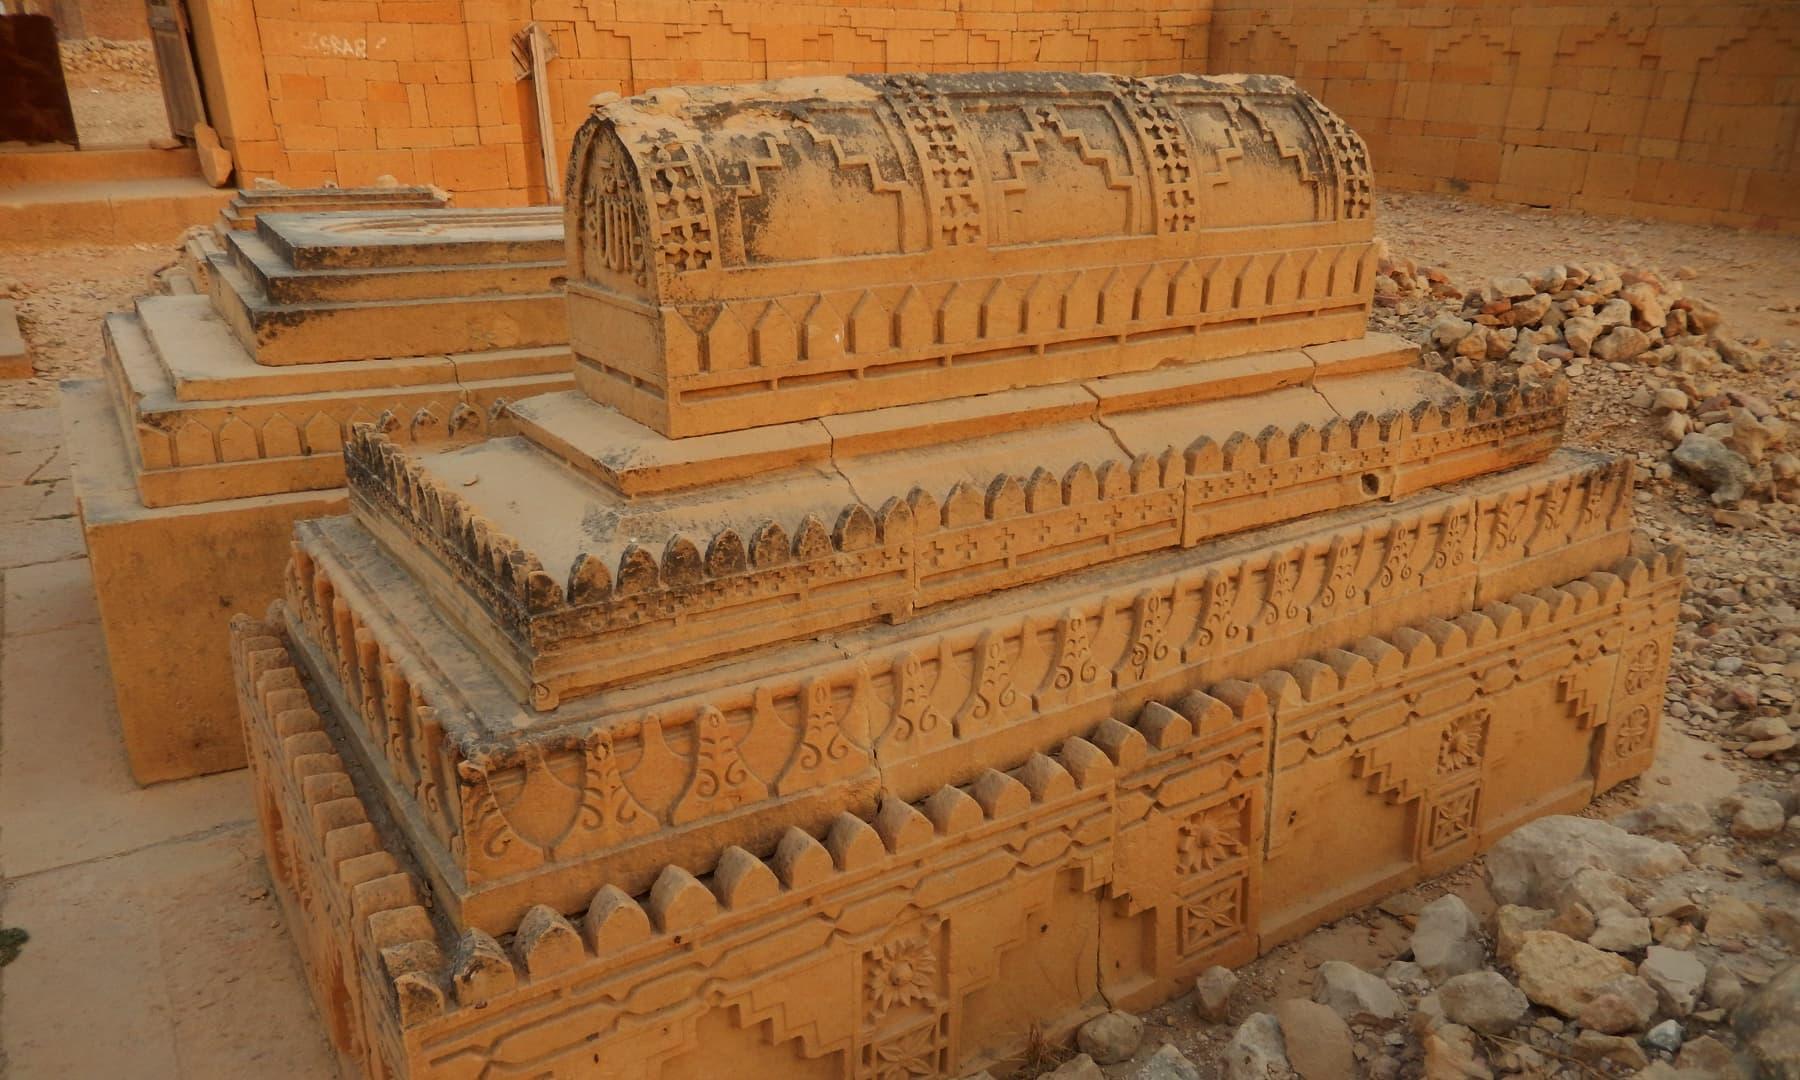 مقبرے کی چاردیواری کے اندر موجود قبروں کے بارے میں چند مؤرخین کا ماننا ہے کہ ان کا تعلق شاہی خاندان سے ہے— تصویر ابوبکر شیخ